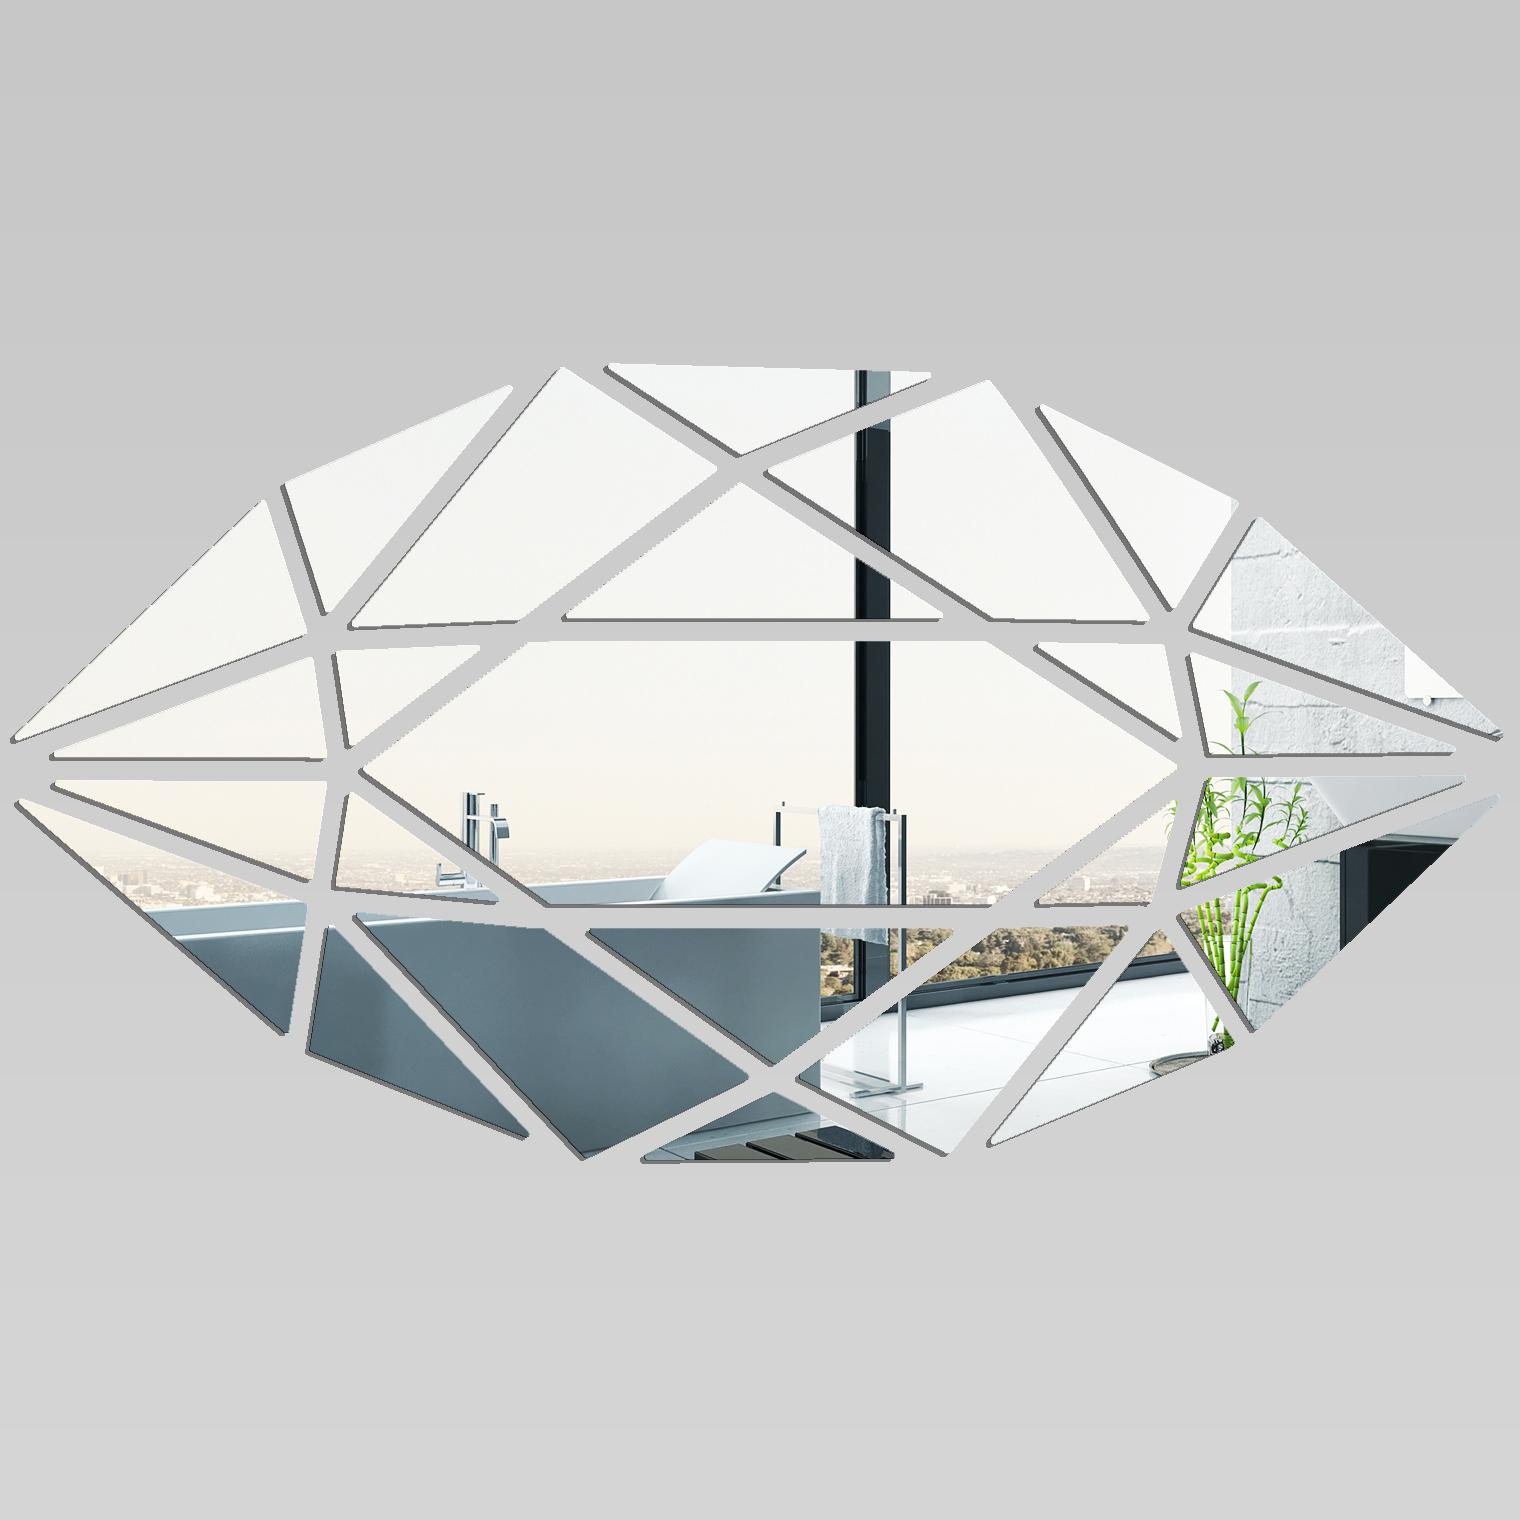 Miroir plexiglass acrylique verticale mosa que pas cher for Miroir acrylique